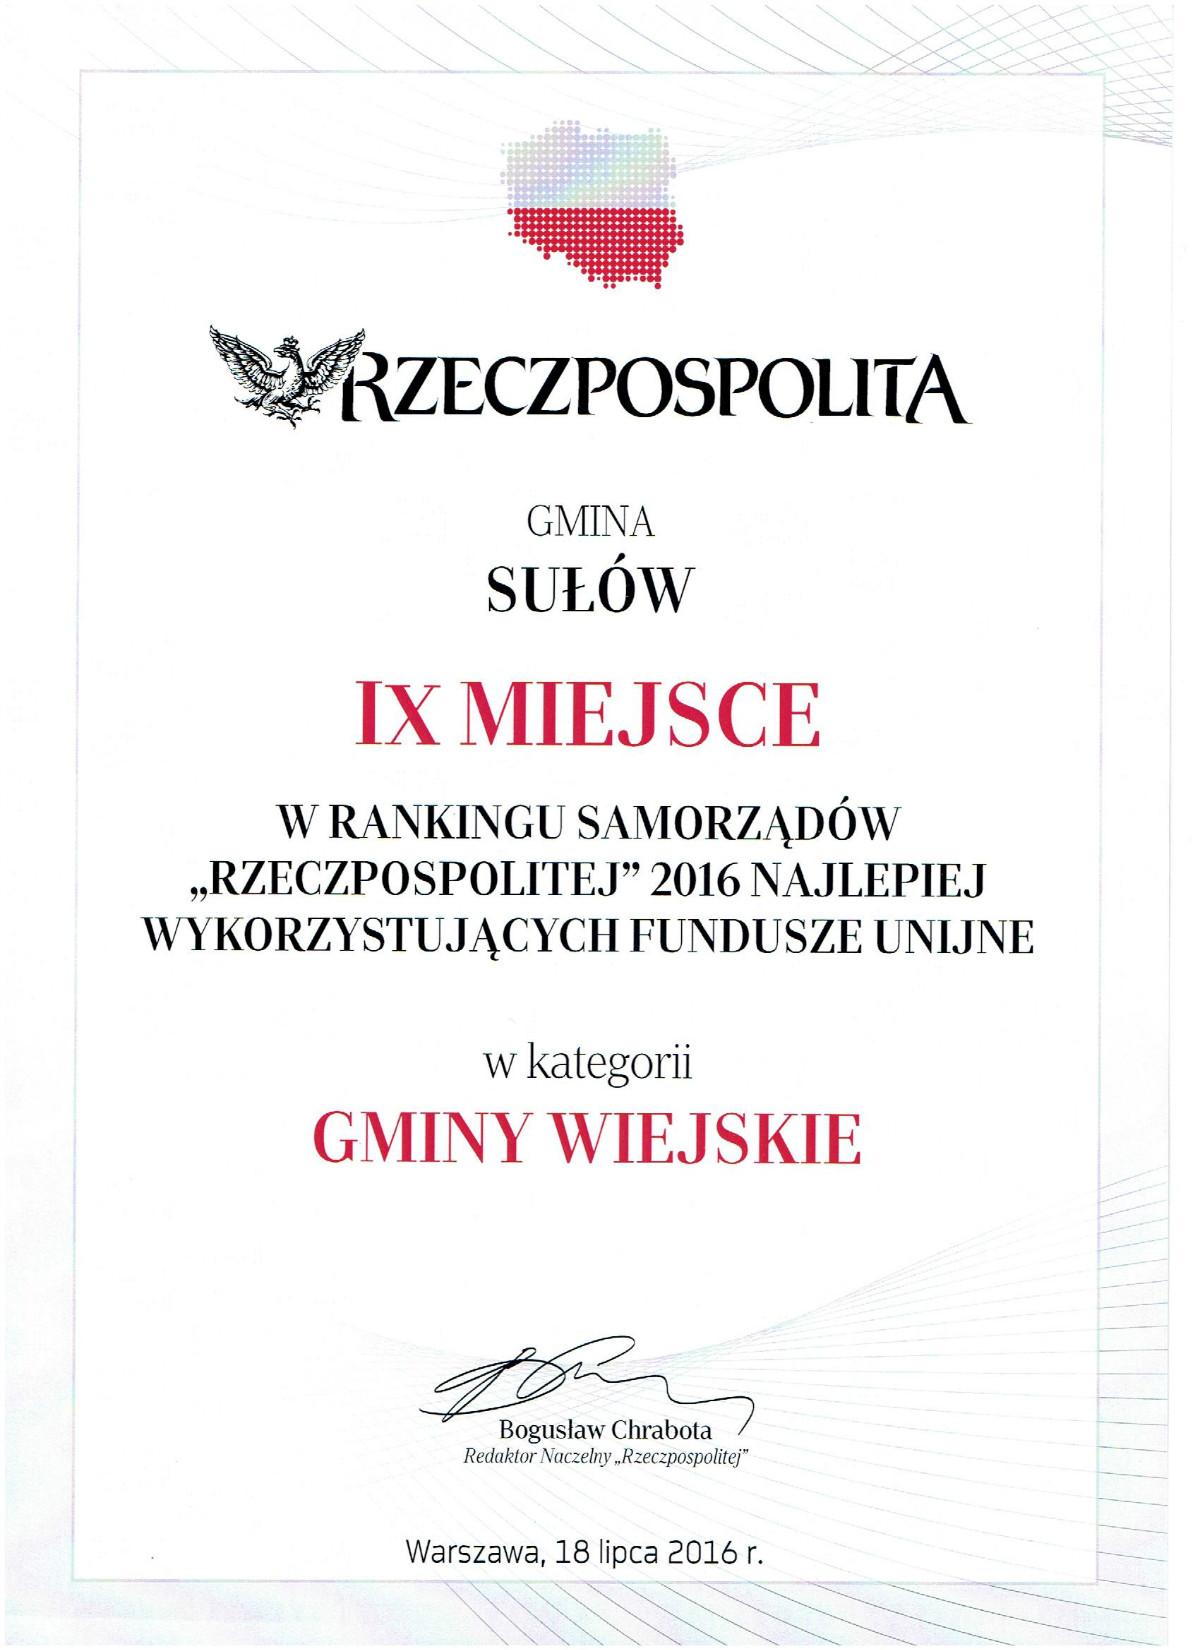 """Wyróżnienie dla gminy Sułów w rankingu – Samorządów """"Rzeczypospolitej"""" 2016 Najlepiej wykorzystujących fundusze unijne"""